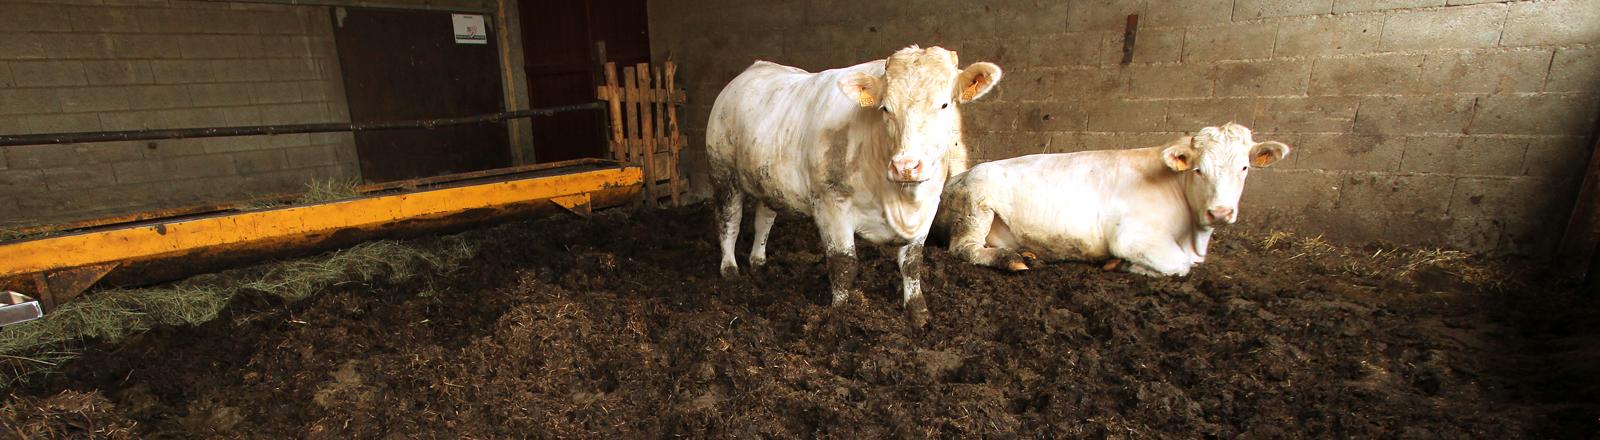 Zwei Kühe in einem Stall.